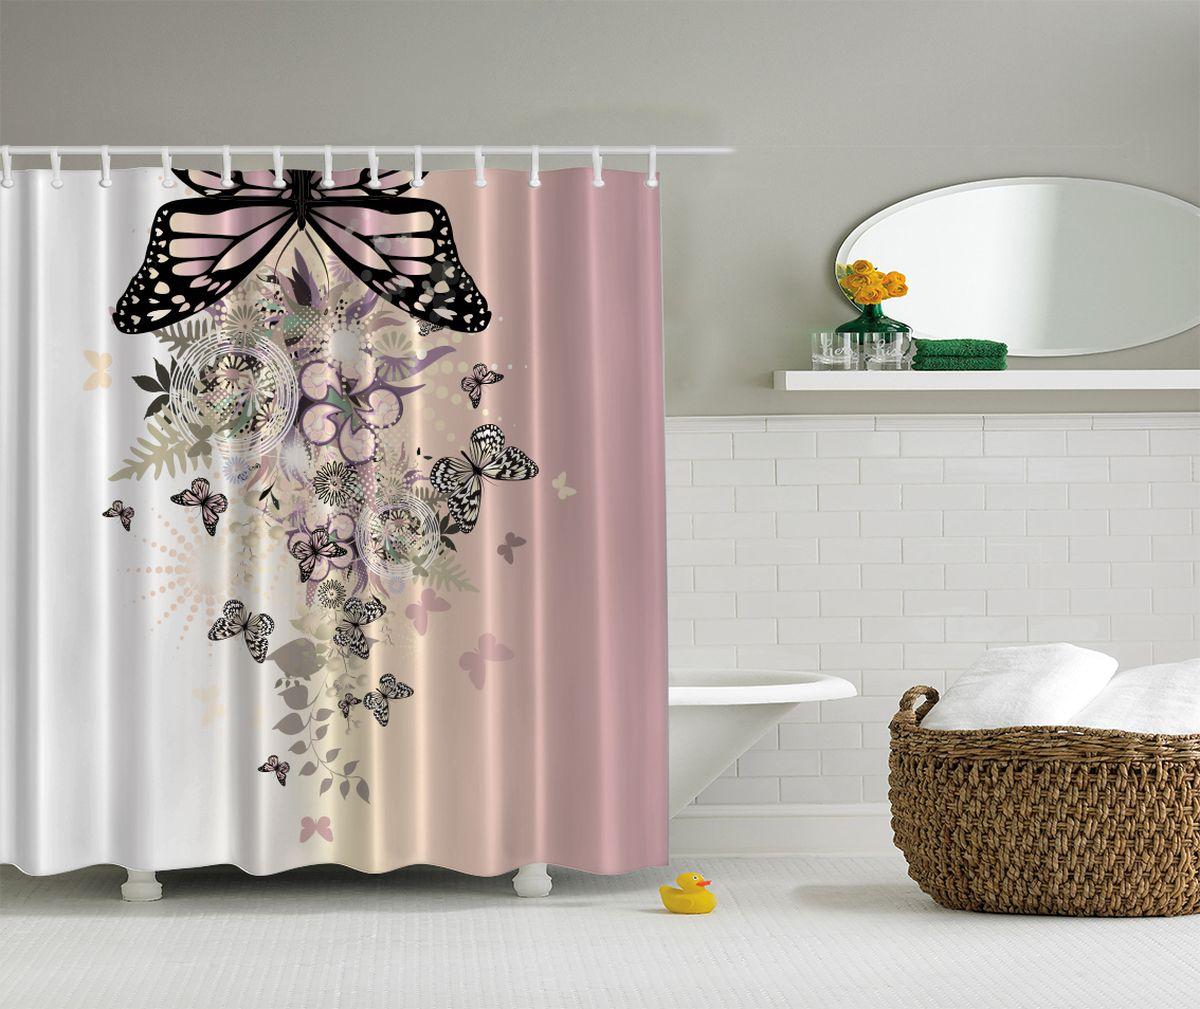 Штора для ванной комнаты Magic Lady Стая бабочек, 180 х 200 смшв_2665Компания Сэмболь изготавливает шторы из высококачественного сатена (полиэстер 100%). При изготовлении используются специальные гипоаллергенные чернила для прямой печати по ткани, безопасные для человека и животных. Экологичность продукции Magic lady и безопасность для окружающей среды подтверждены сертификатом Oeko-Tex Standard 100. Крепление: крючки (12 шт.). Внимание! При нанесении сублимационной печати на ткань технологическим методом при температуре 240 С, возможно отклонение полученных размеров, указанных на этикетке и сайте, от стандартных на + - 3-5 см. Мы стараемся максимально точно передать цвета изделия на наших фотографиях, однако искажения неизбежны и фактический цвет изделия может отличаться от воспринимаемого по фото. Обратите внимание! Шторы изготовлены из полиэстра сатенового переплетения, а не из сатина (хлопок). Размер шторы 180*200 см. В комплекте 1 штора и 12 крючков.